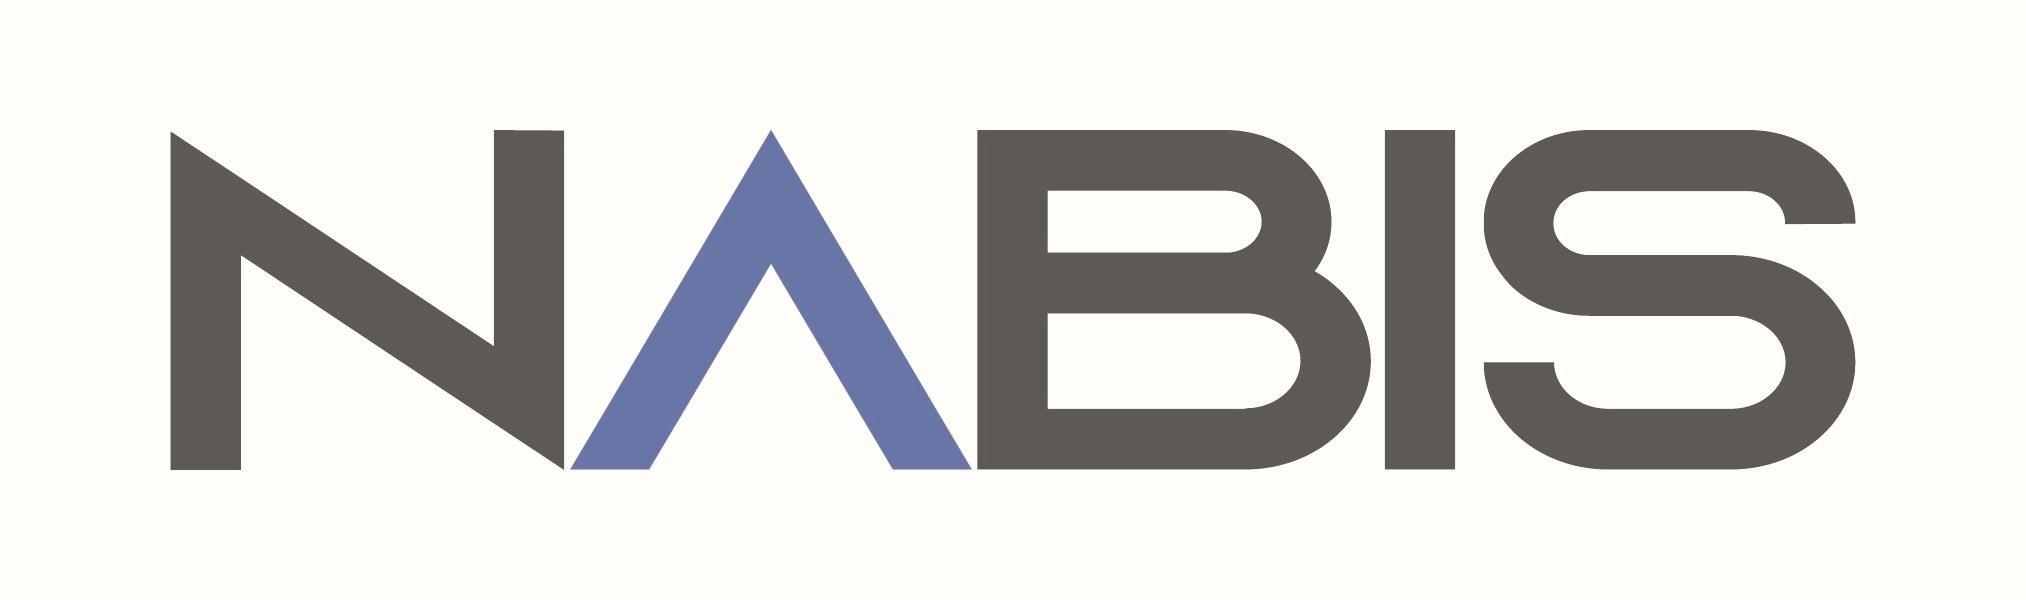 Nabis Holdings Provides Shareholder Update on Acquisition of Desert's Finest Dispensary in Desert Hot Springs, California